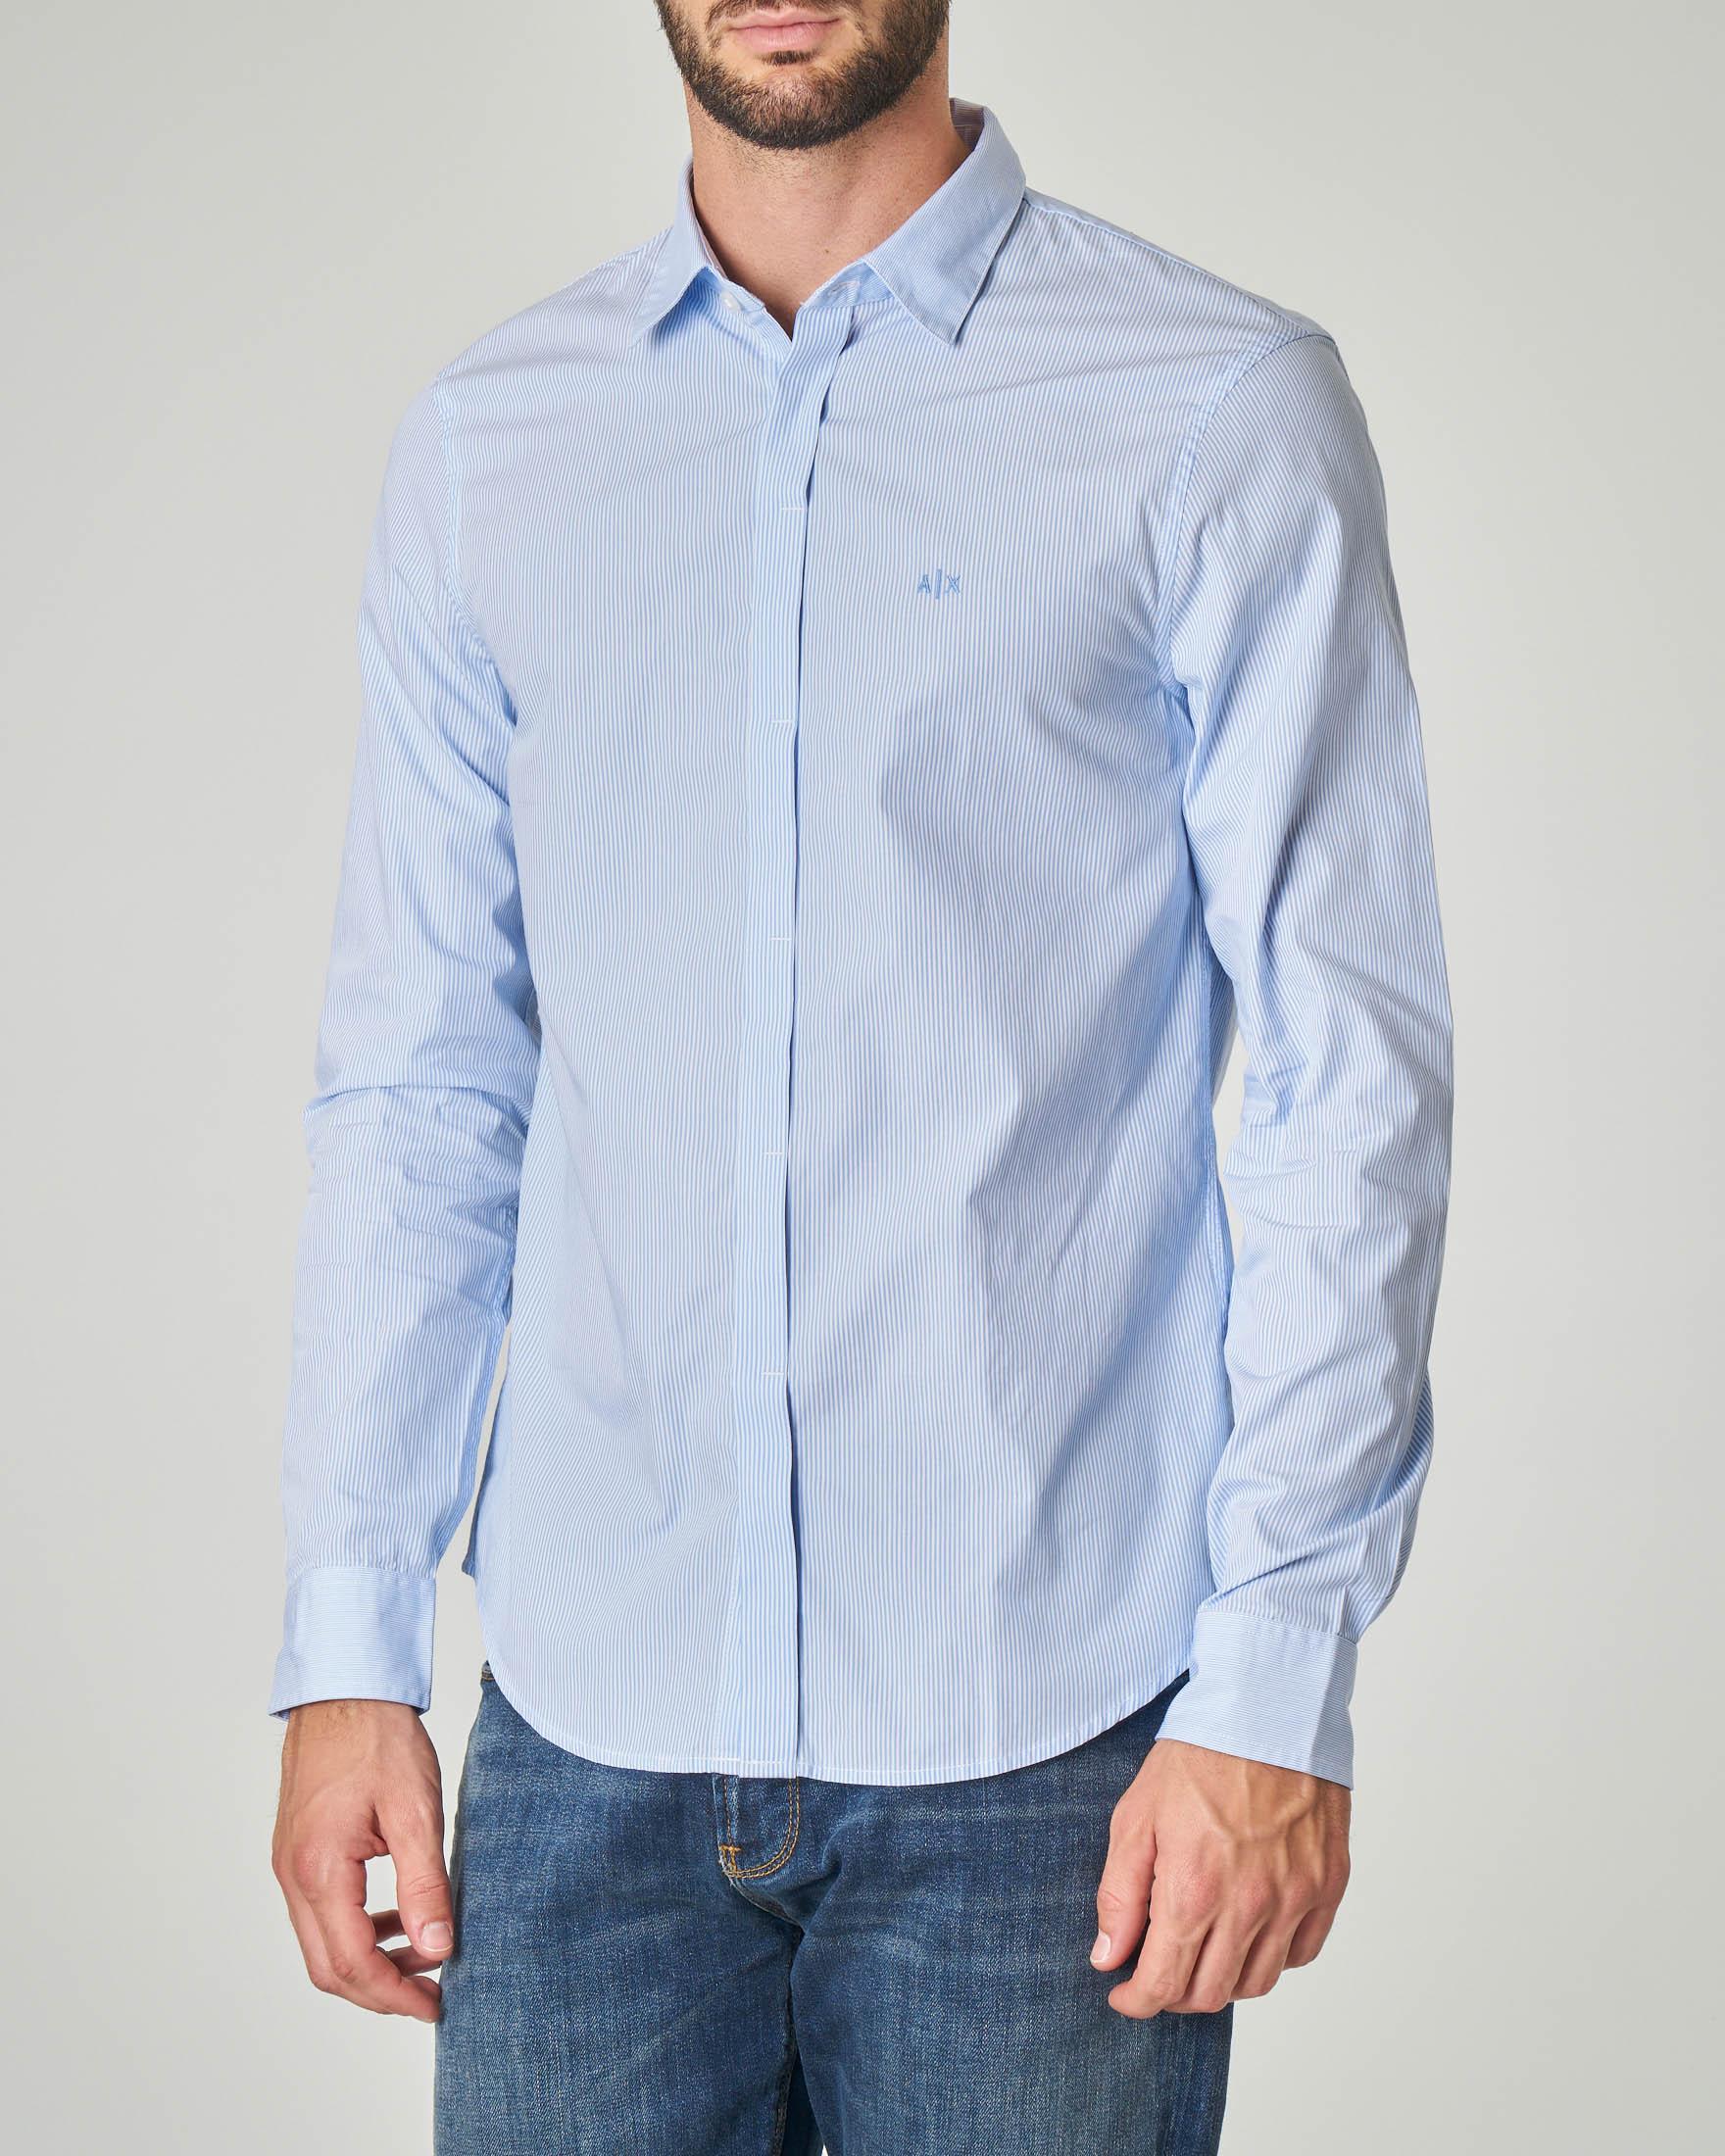 Camicia bastoncino bianco e azzurra con abbottonatura coperta